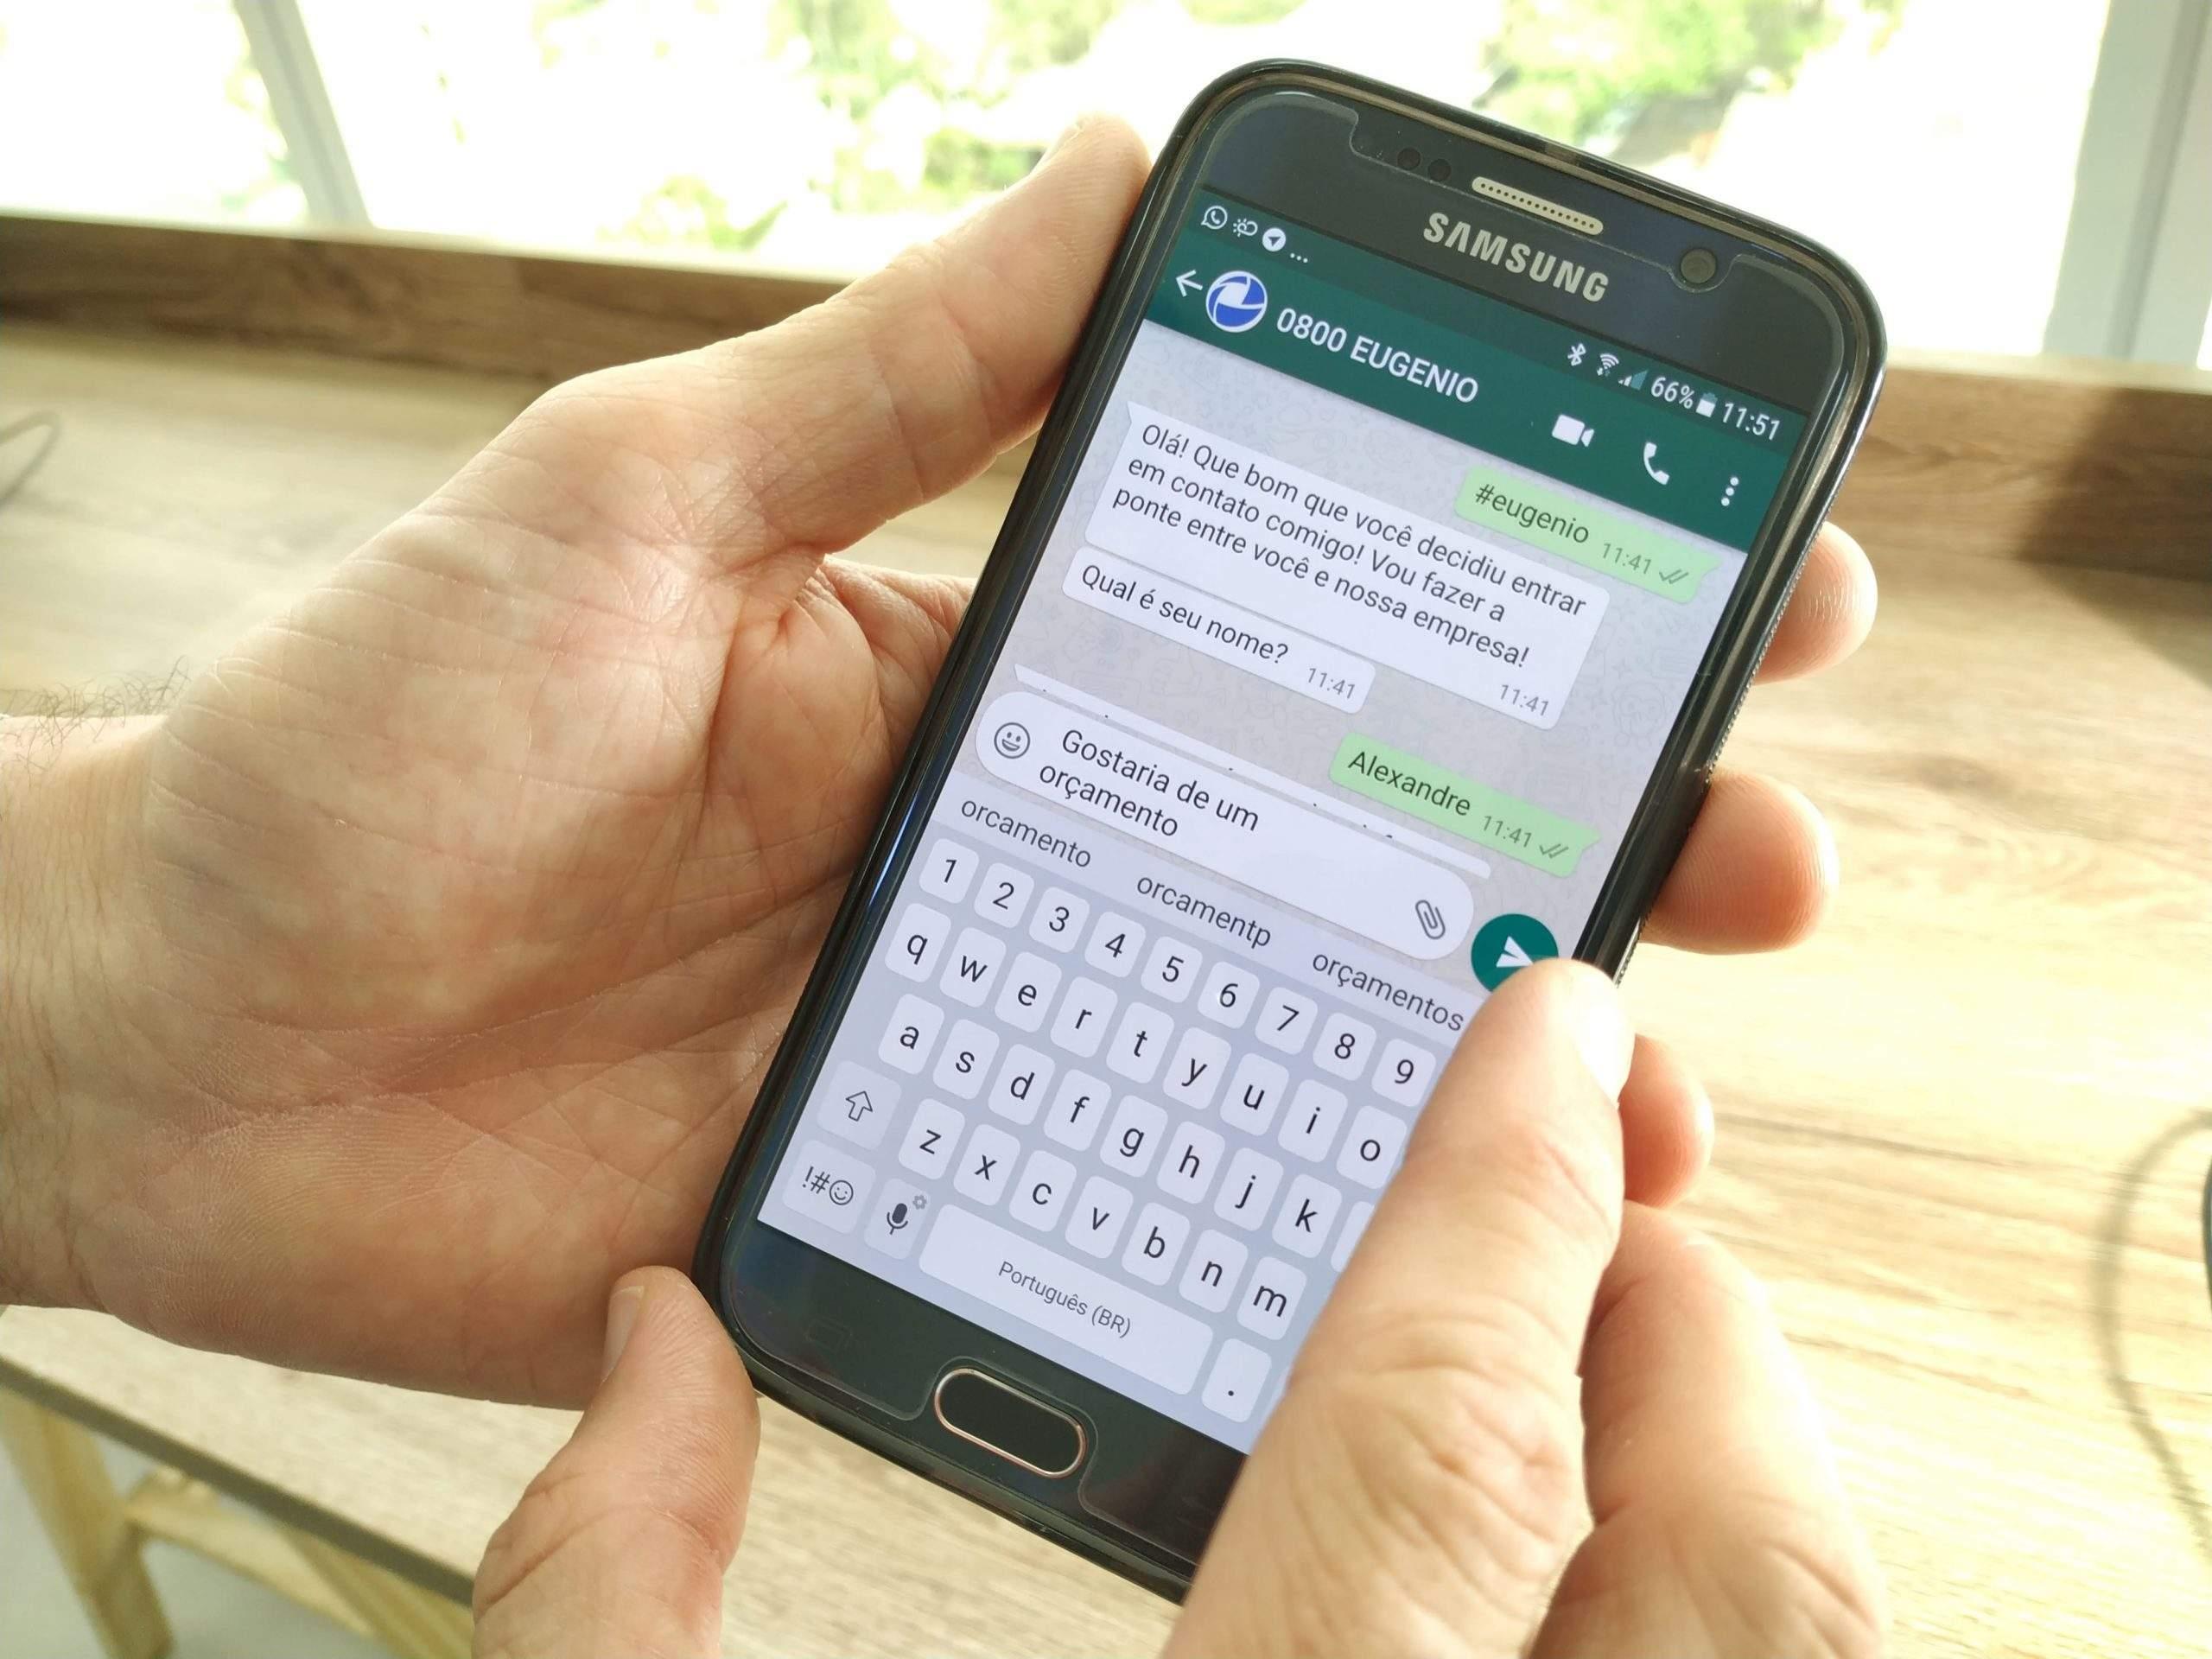 O que é e como funciona o 0800EUGENIO para WhatsApp